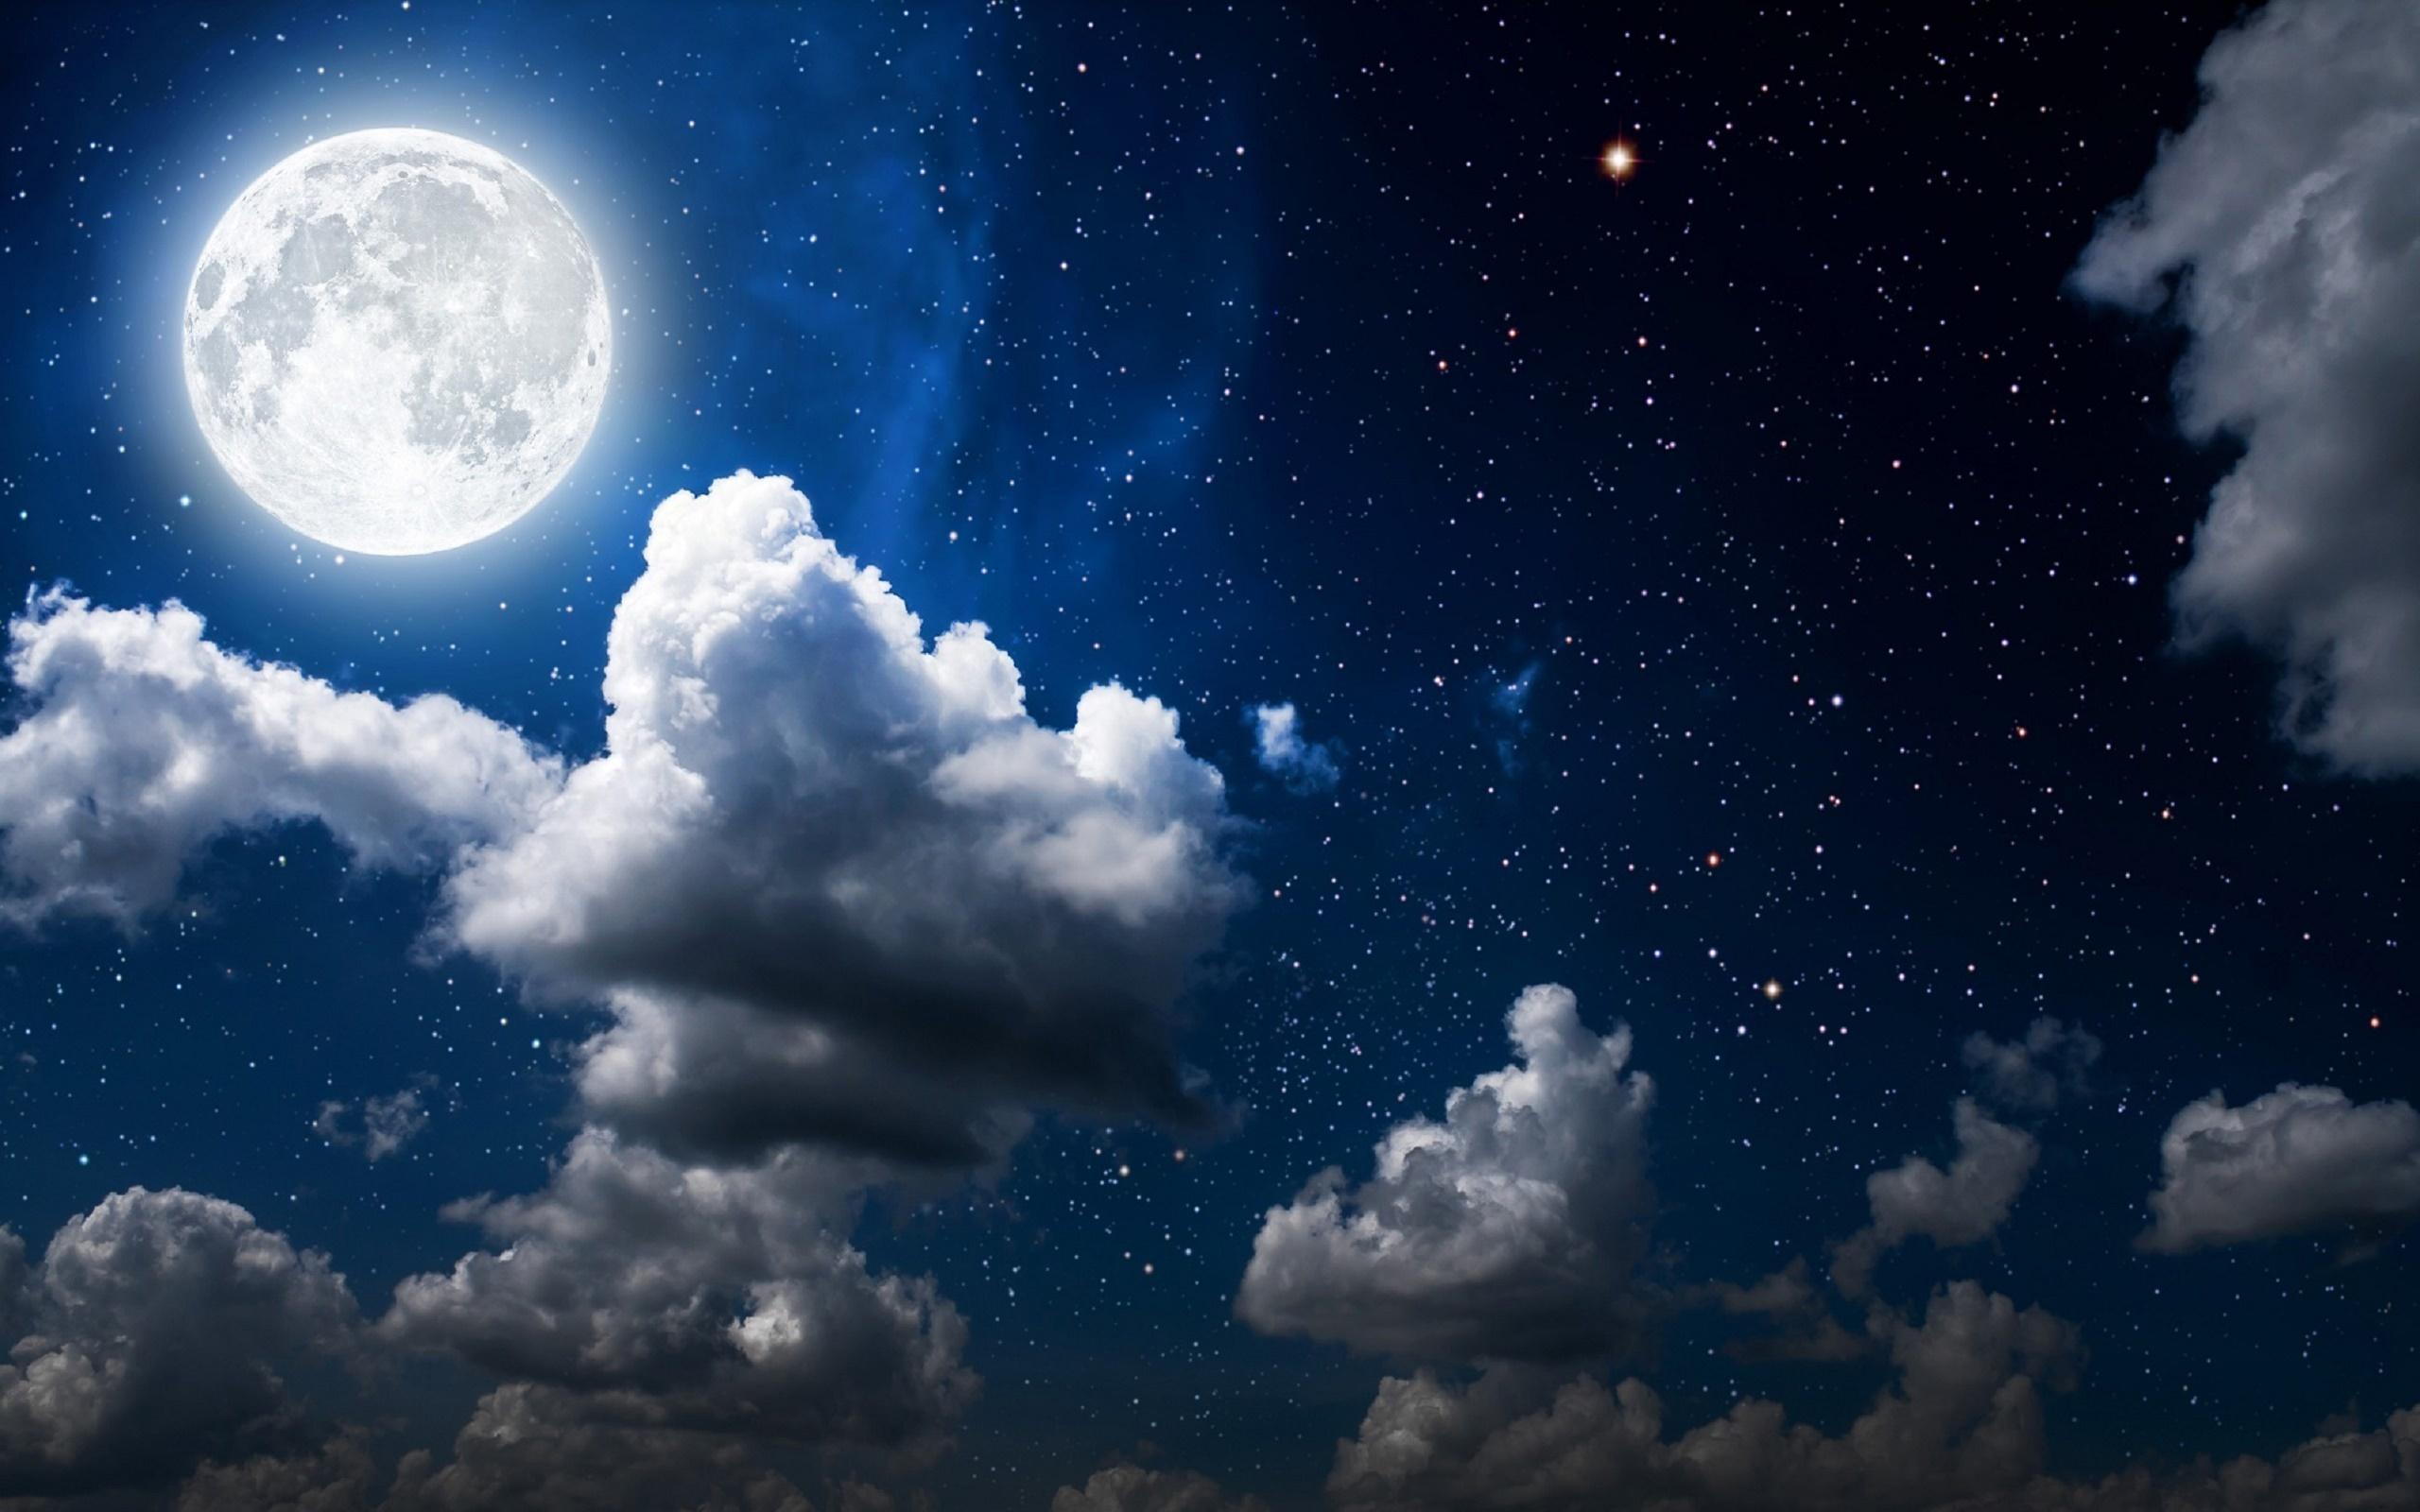 عکس زیبای ماه با منظره شب و ابر